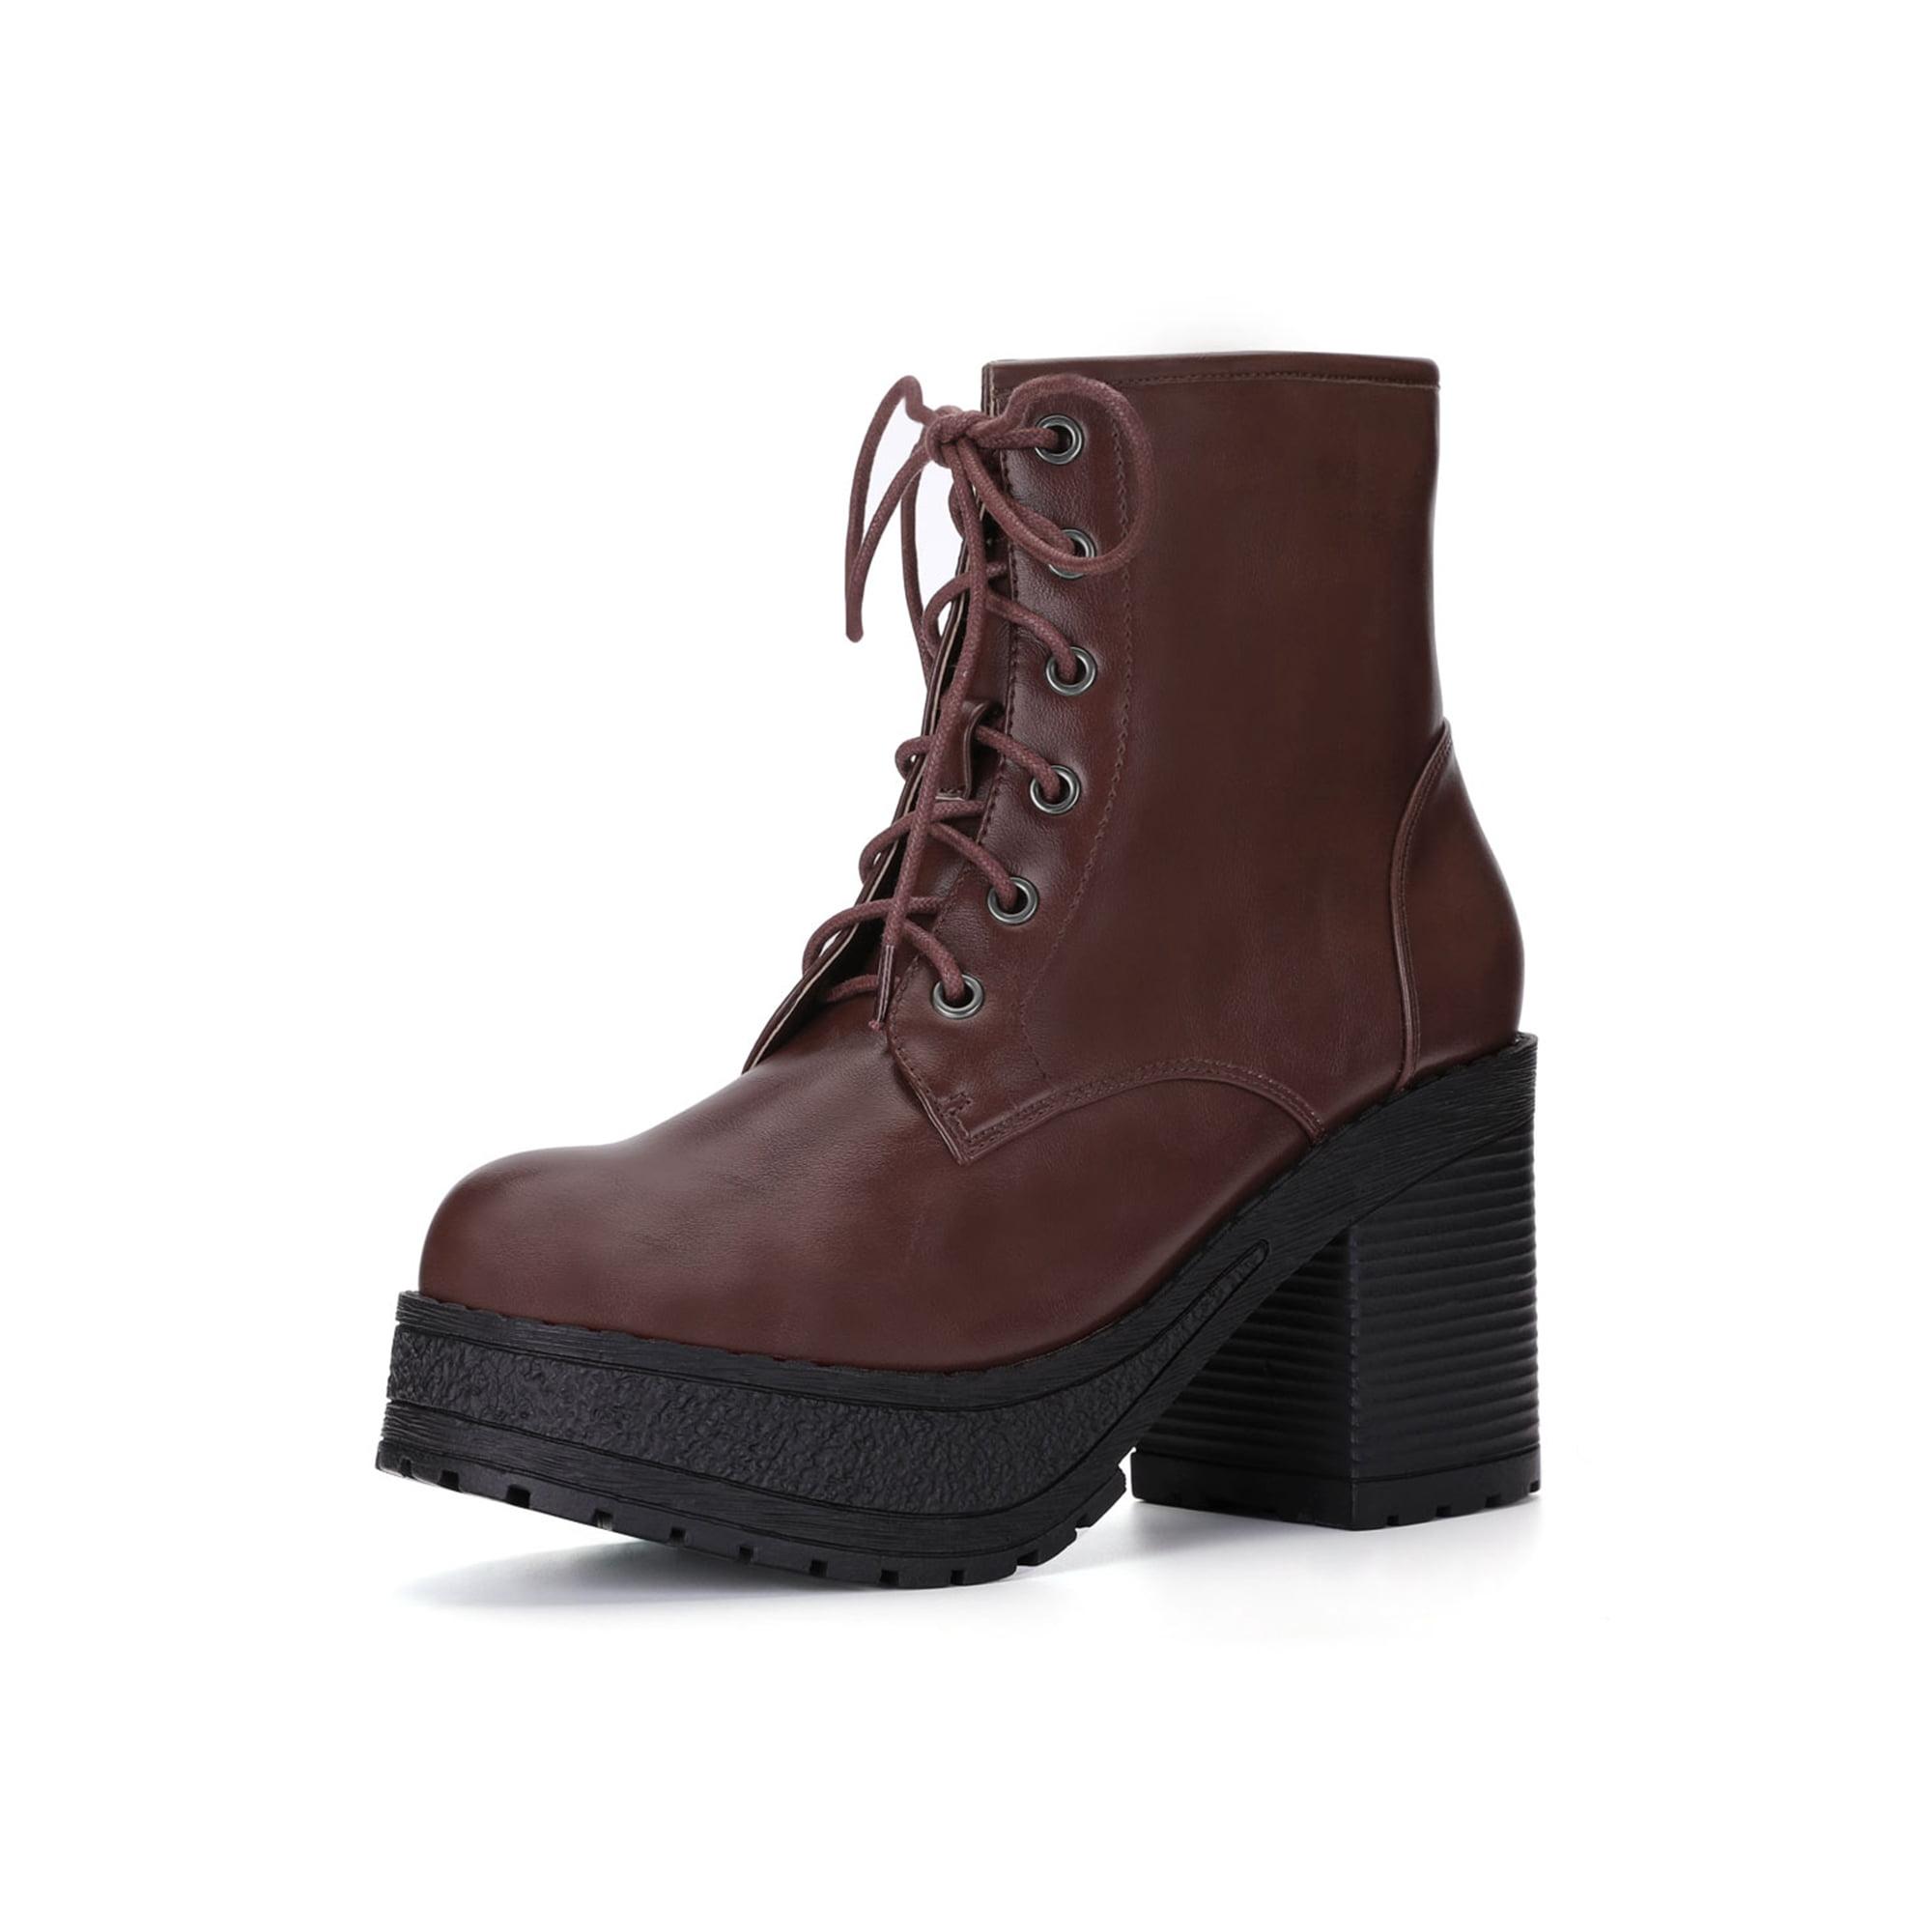 0ed21c349e04e Unique Bargains Women s Lace Up Platform Chunky Heel Ankle Combat Boots  Coffee Color (Size 7.5)